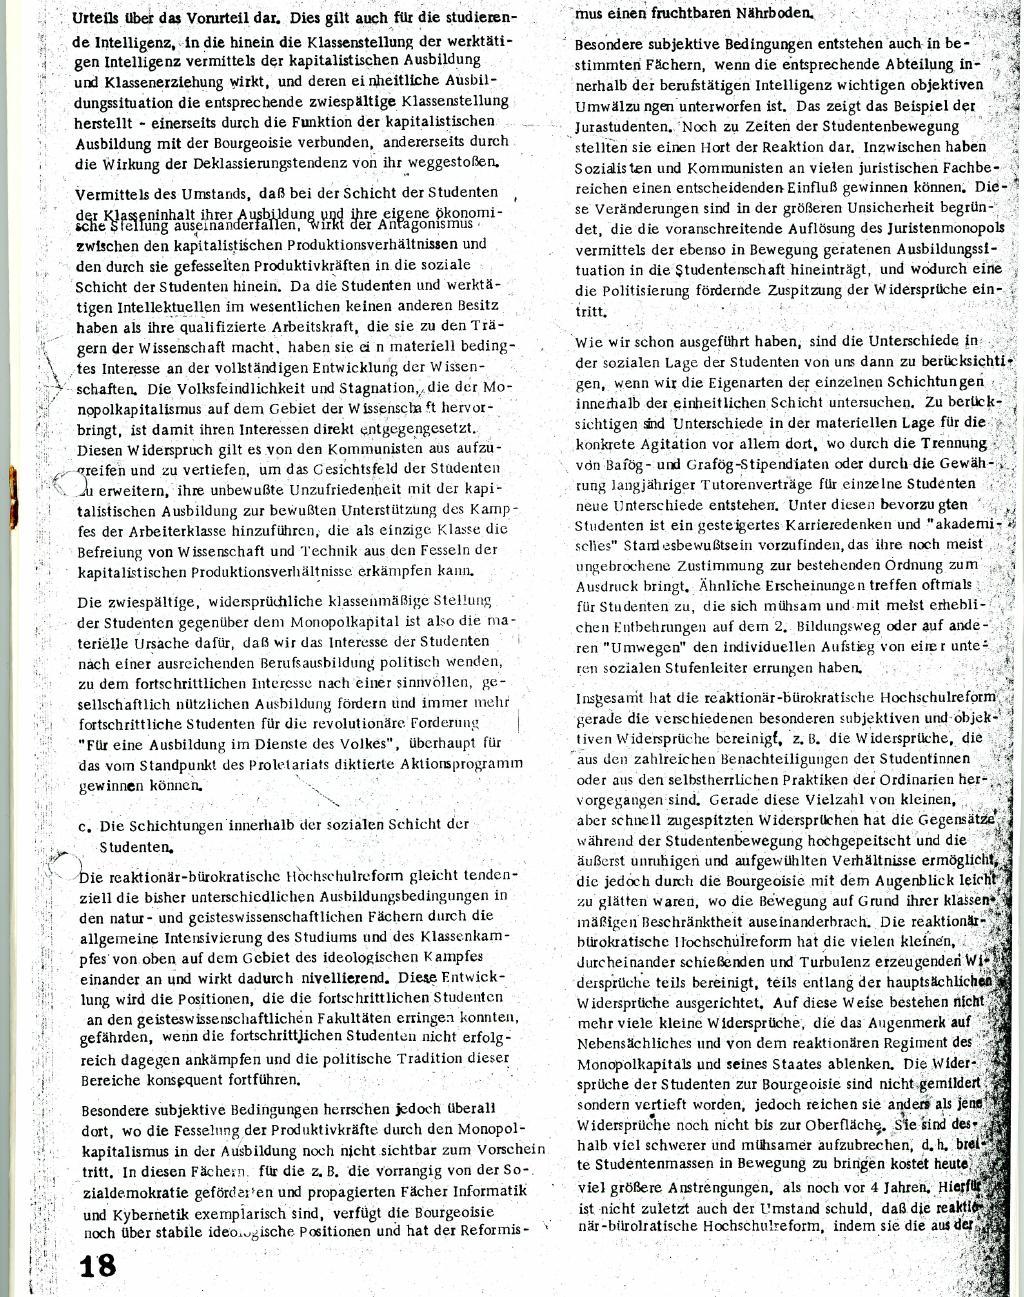 RPK_1972_186_187_188_18